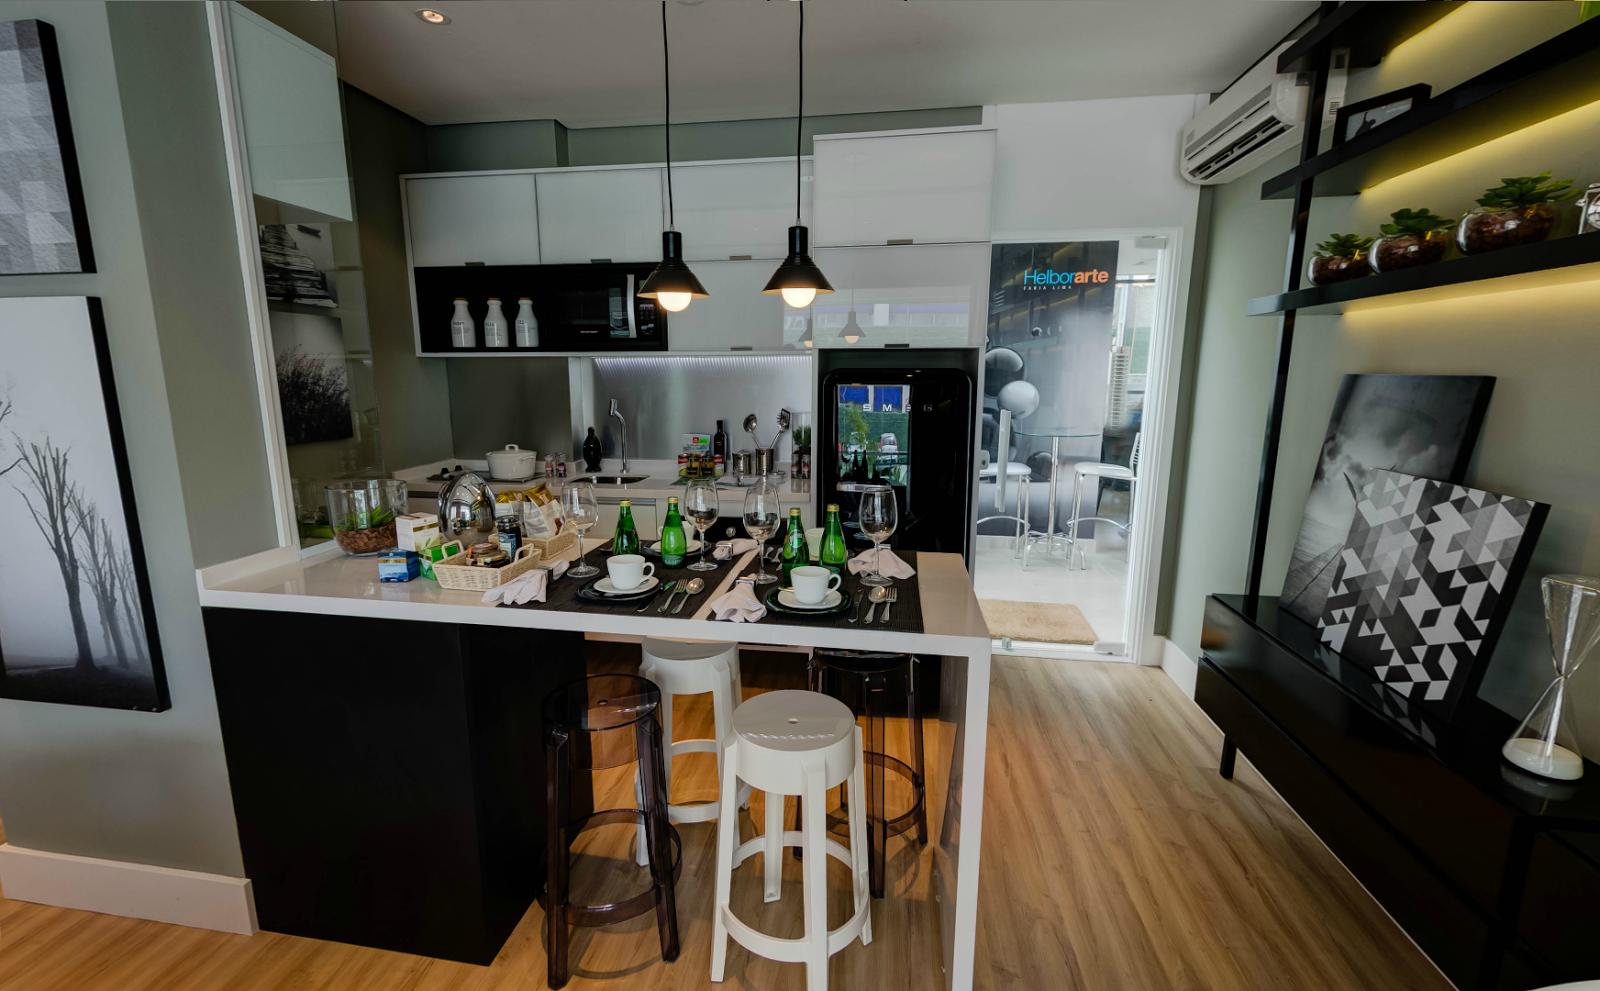 Cozinha Planejada Conceito Aberto Beyato Com V Rios Desenhos  -> Fotos De Cozinha Conceito Aberto